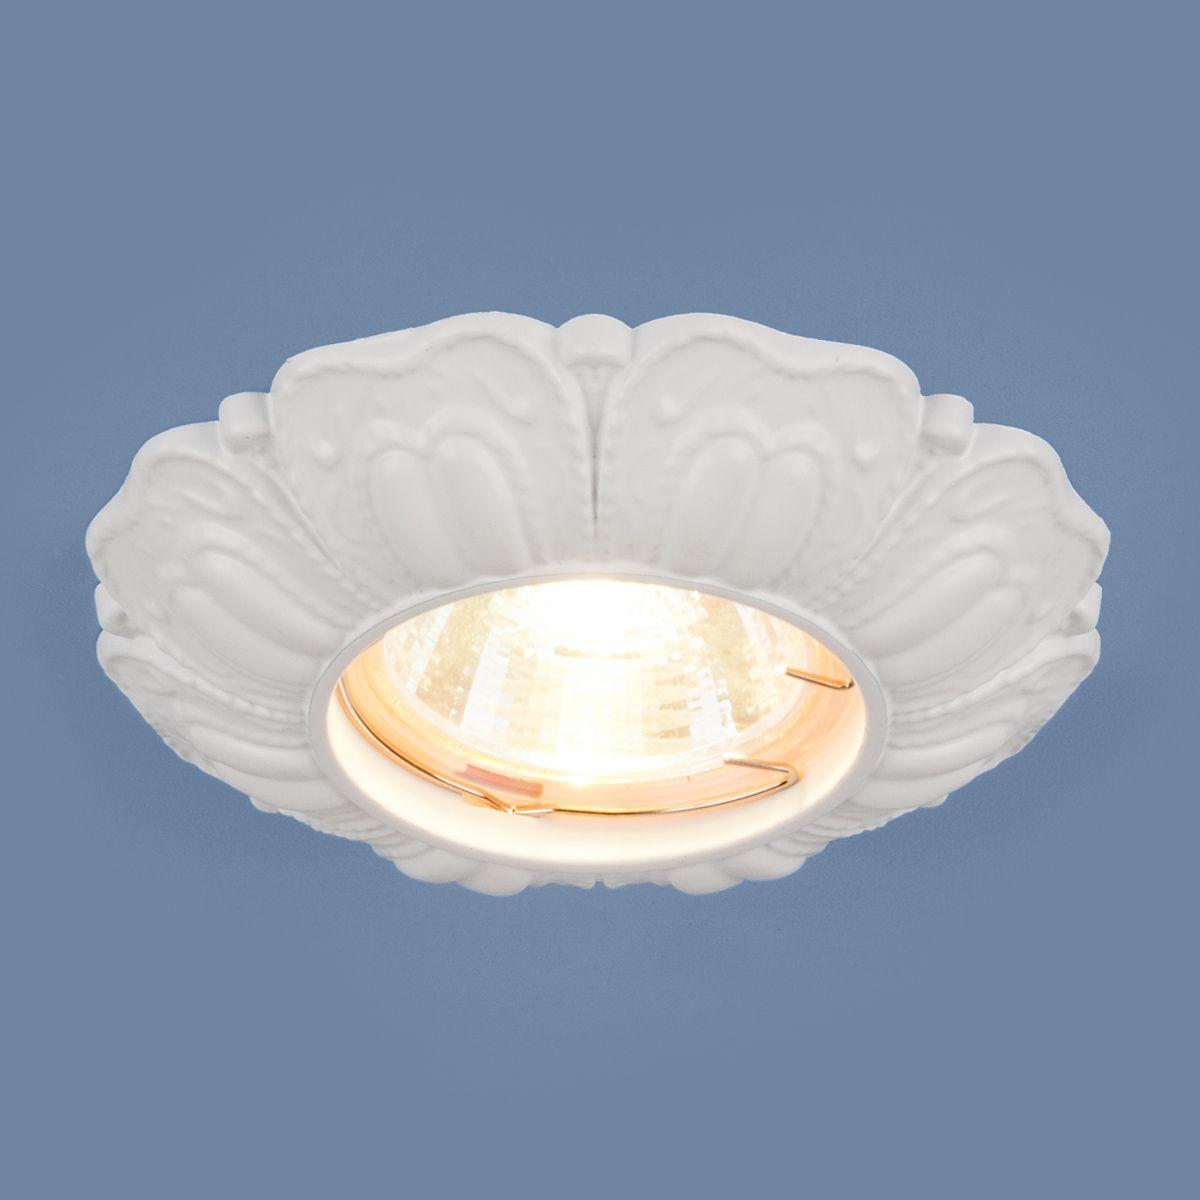 Встраиваемый точечный светильник 7215 MR16 WH белый